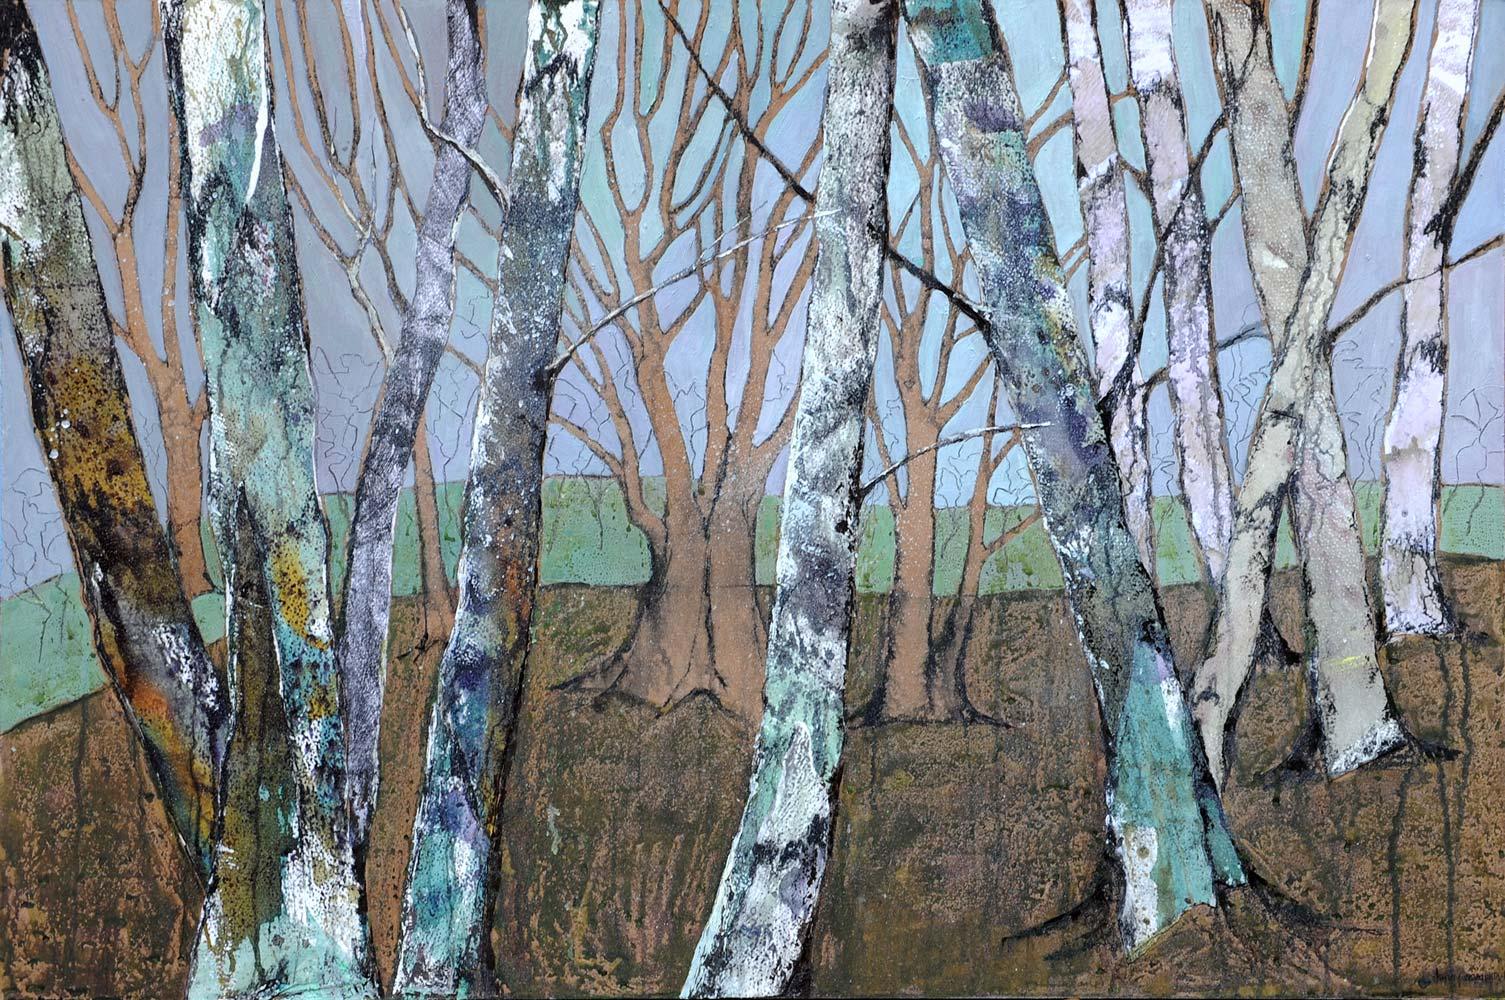 Magnificent birches